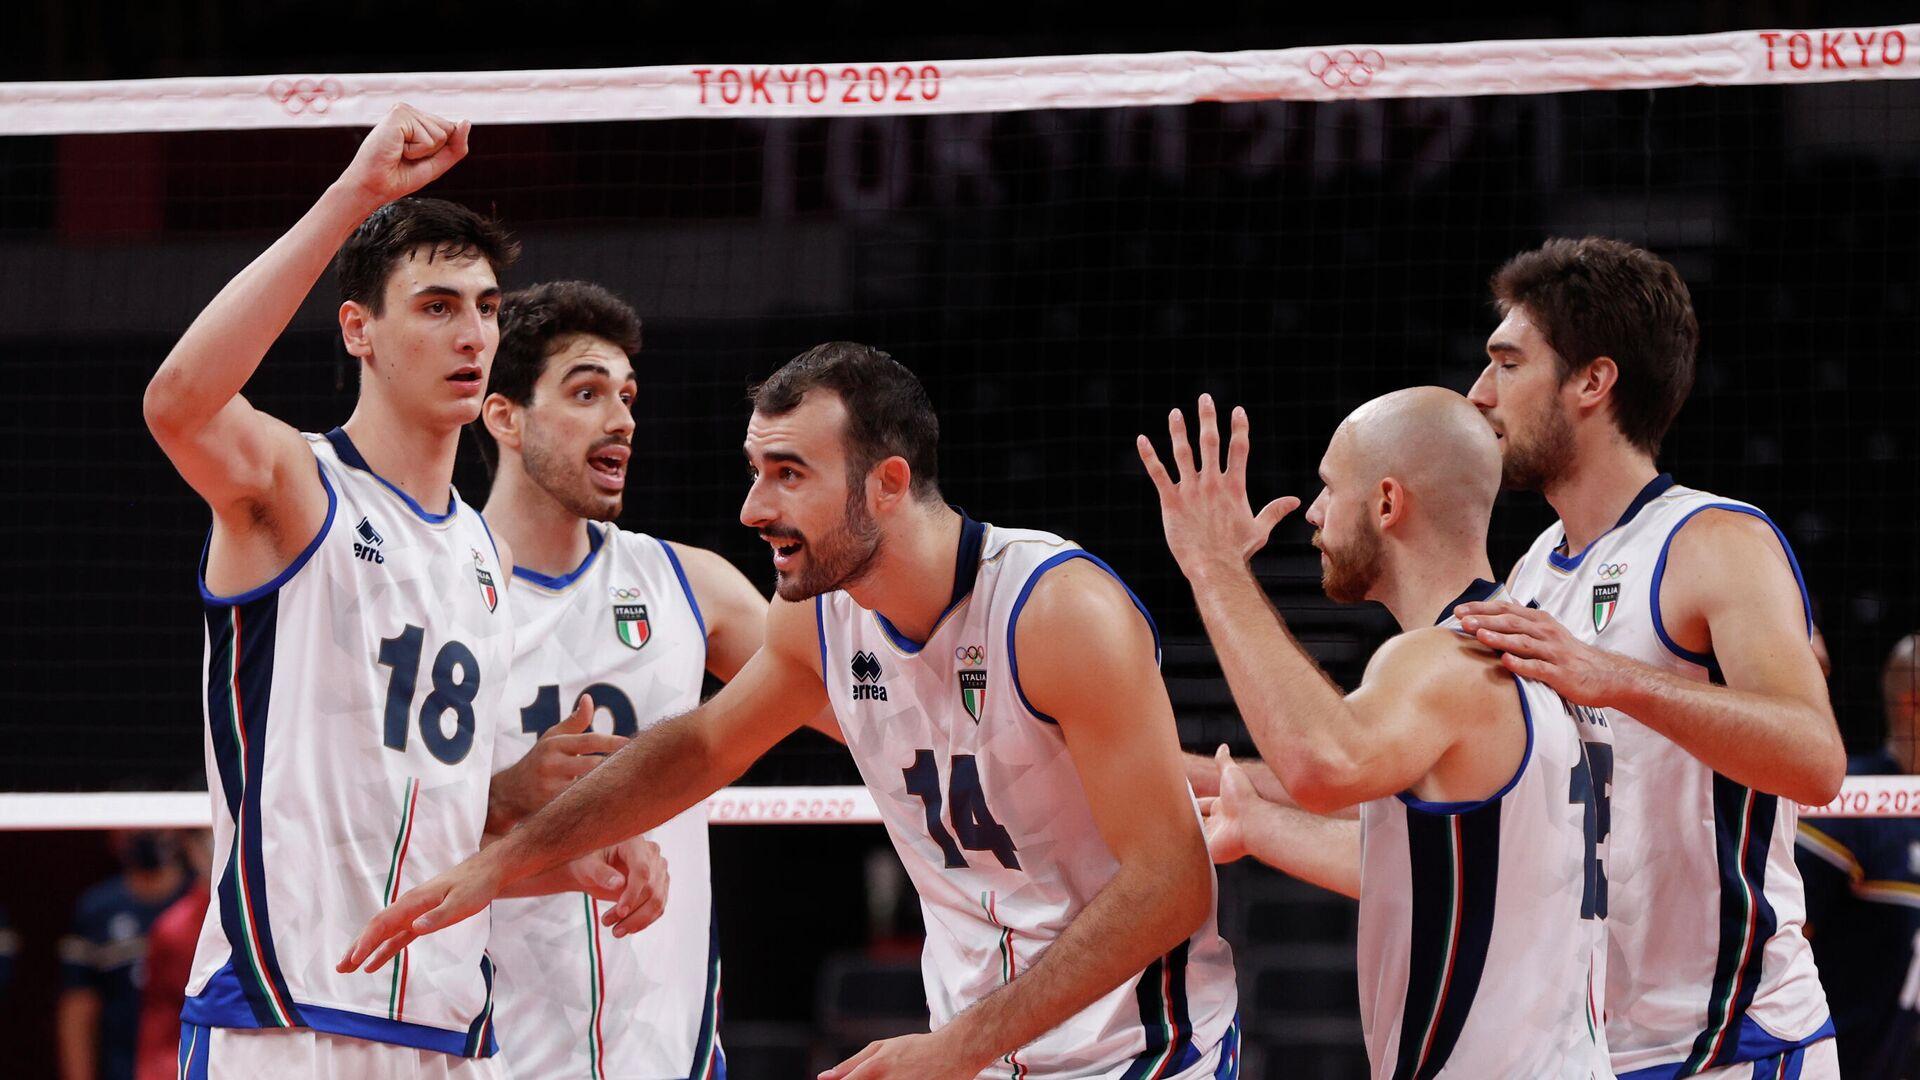 Волейболисты сборной Италии - РИА Новости, 1920, 01.08.2021